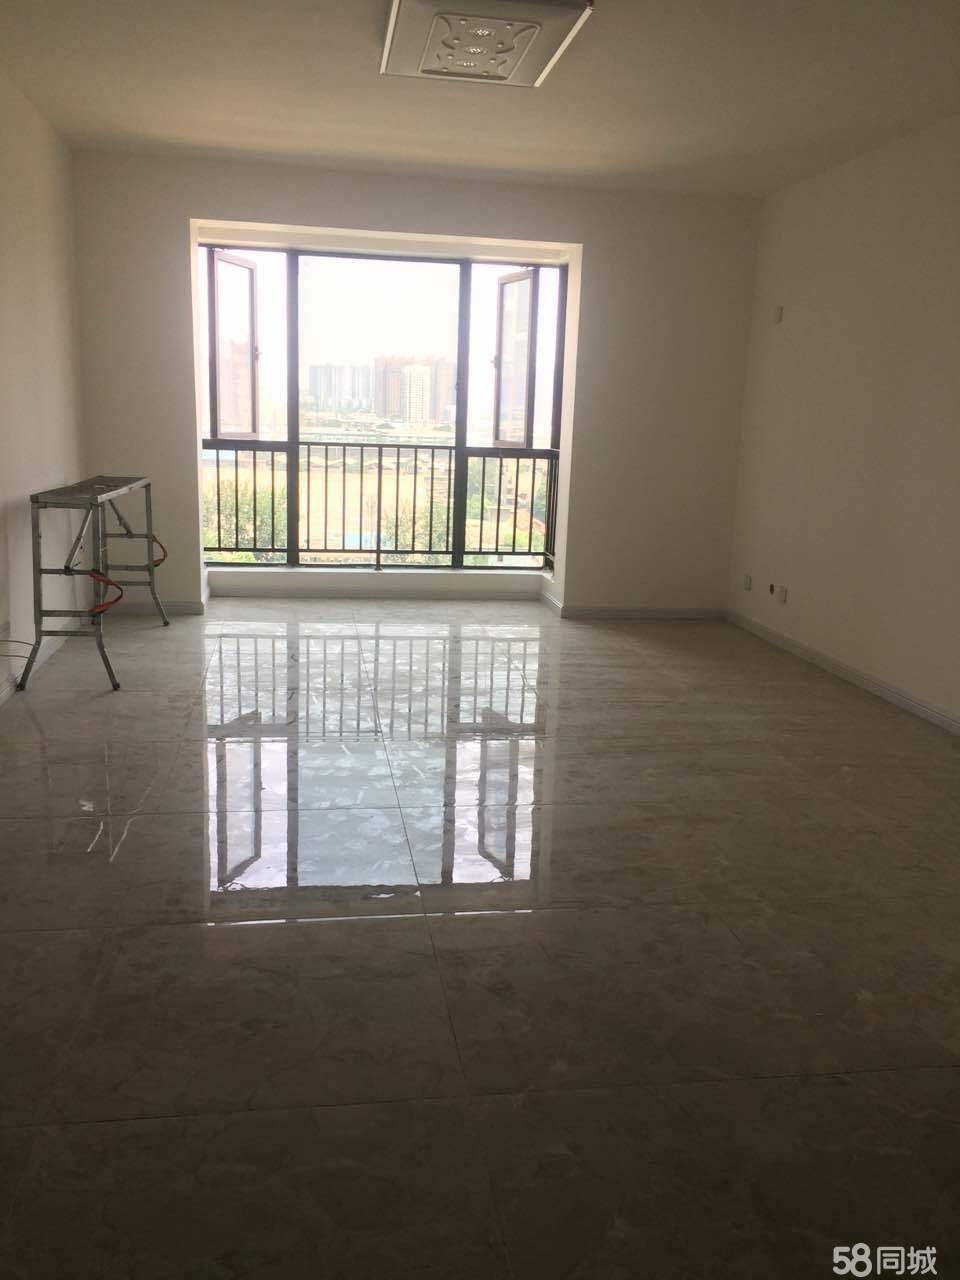 秦都财富中心3室2厅140平米中等装修半年付